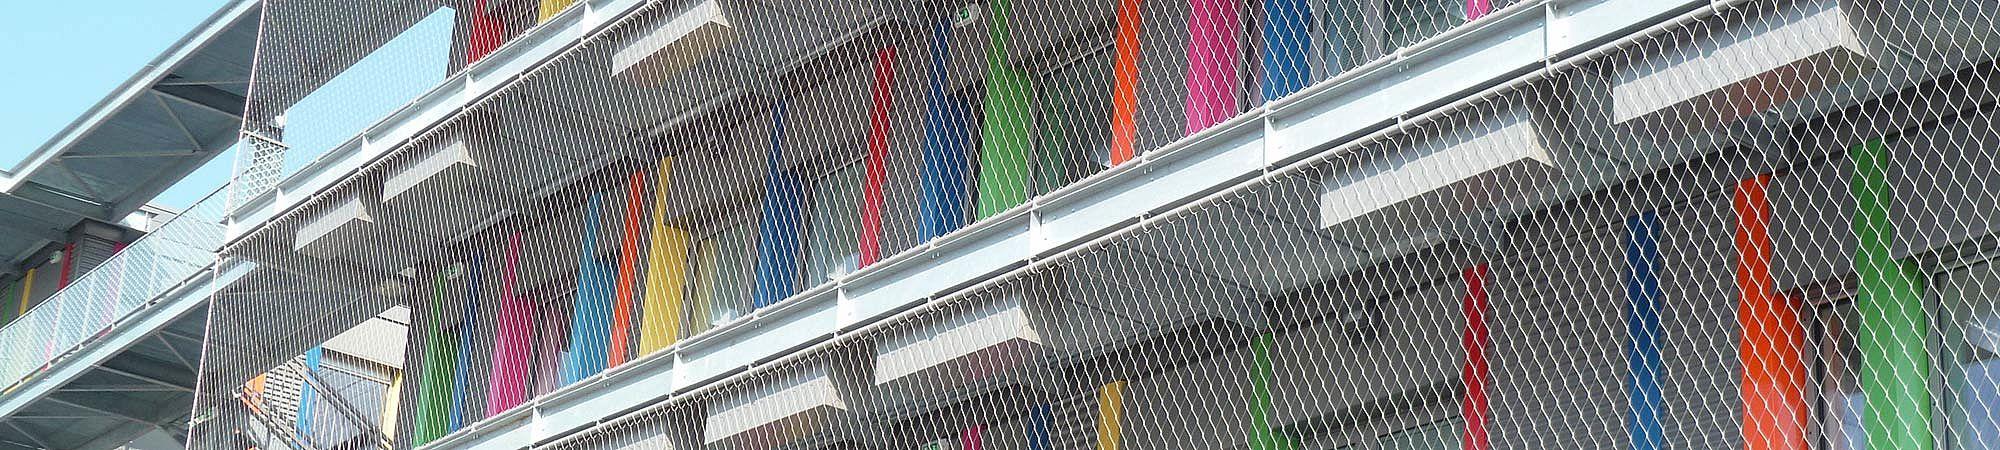 Fassade Absturzsicherung Netz X-TEND Edelstahl-Seilnetz